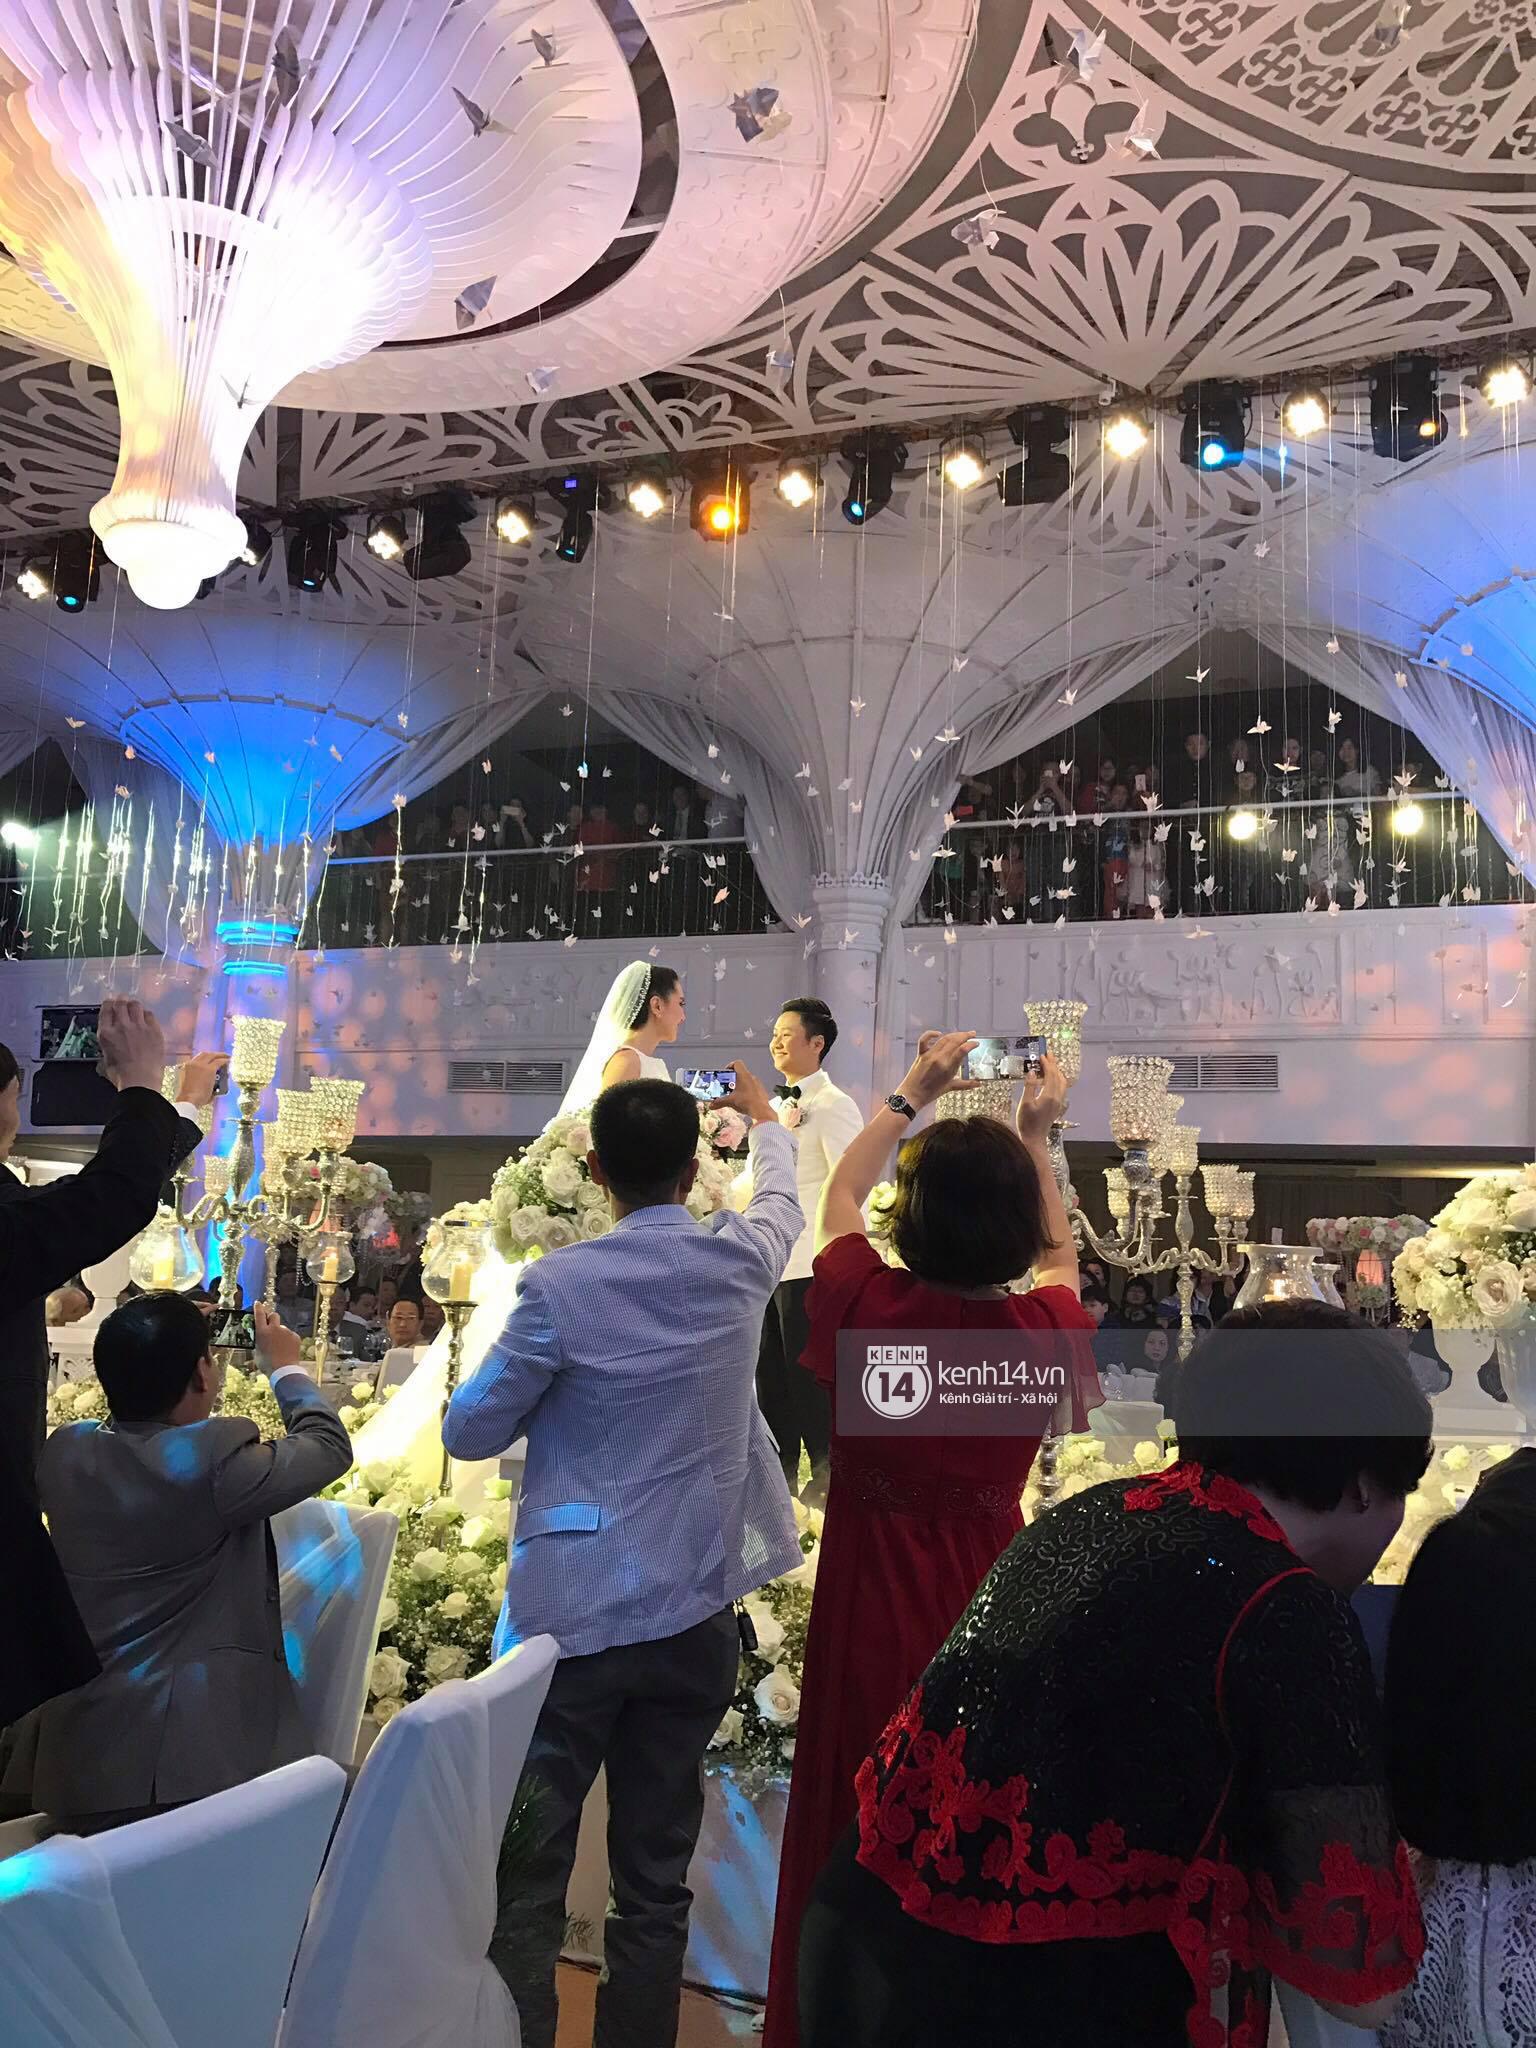 Đám cưới MC Mai Ngọc: Không gian lộng lẫy, cầu kỳ, xứng đáng là đám cưới sang chảnh nhất Hà Nội hôm nay - Ảnh 16.